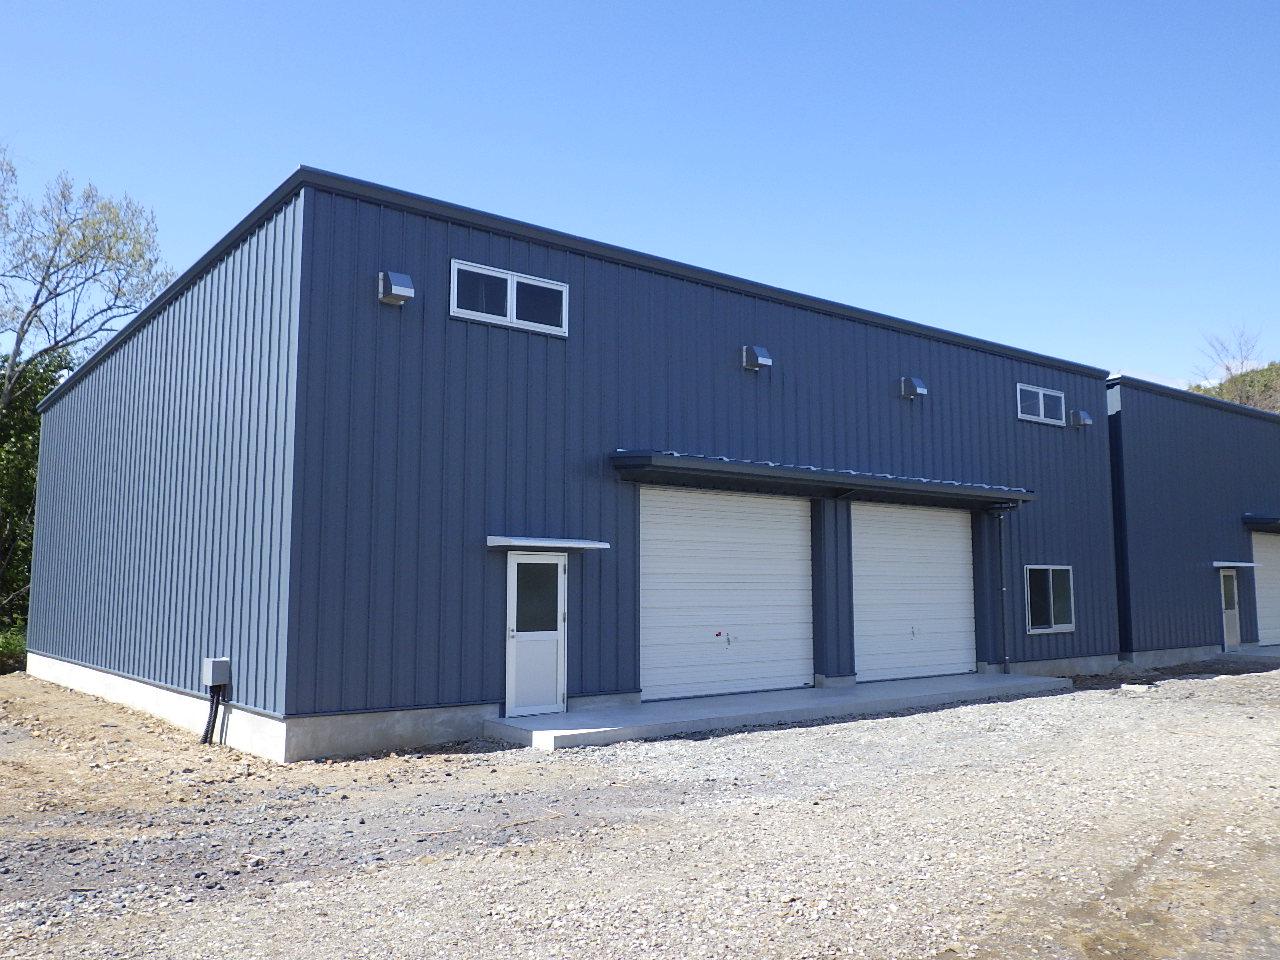 兵庫県で倉庫建築をお考えの方へ